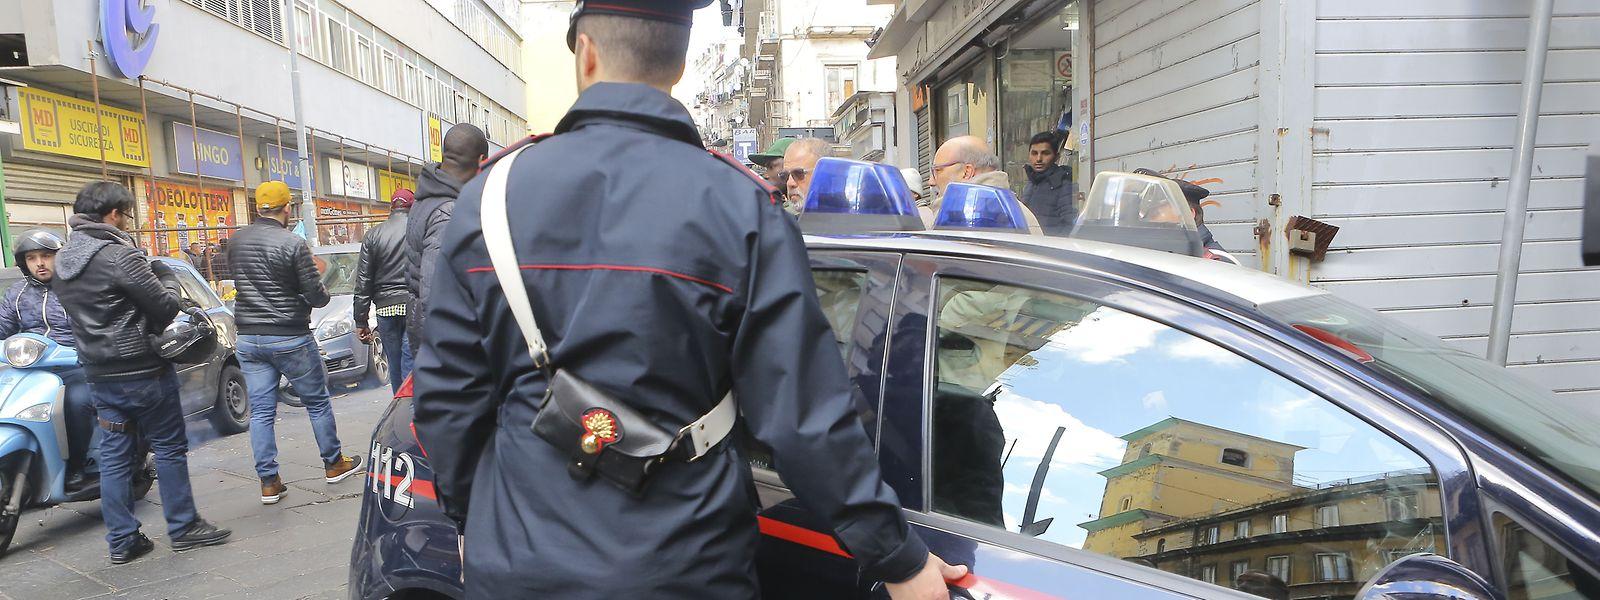 Die italienische Politei bei einem Einsatz gegen Mafiosi des berüchtigten  'Ndrangheta-Clans.